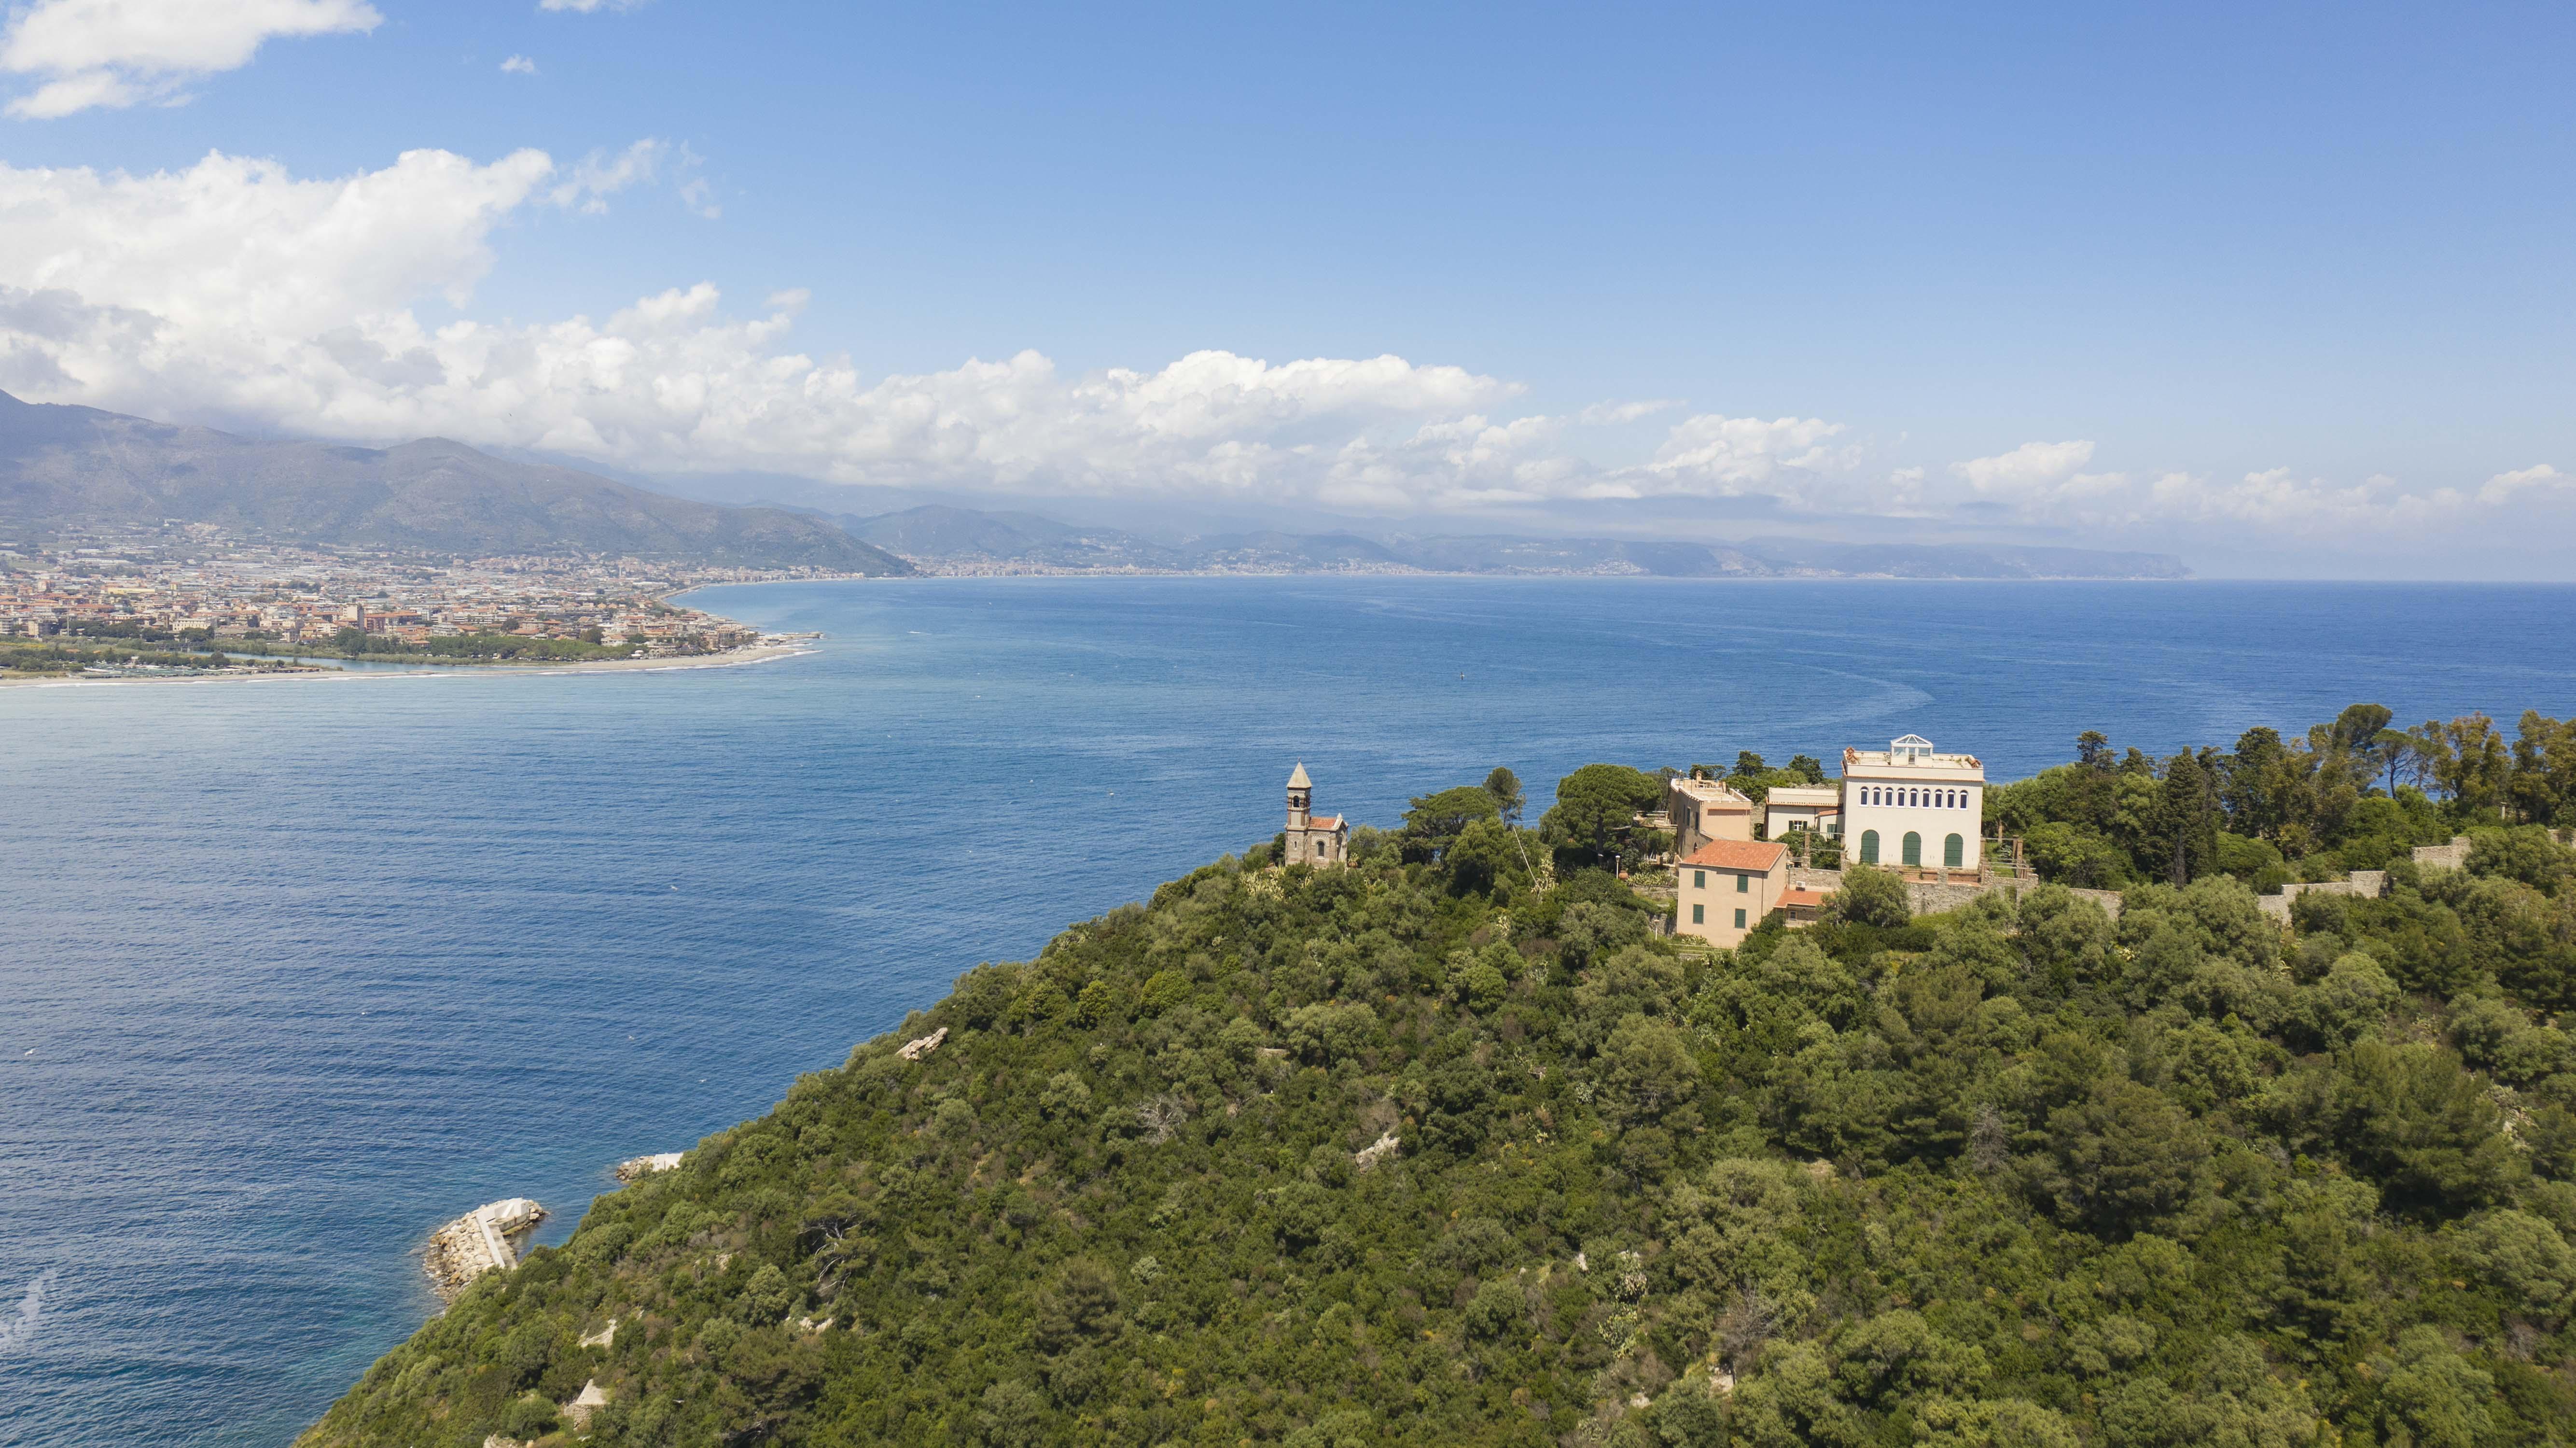 L'île de Gallinara en Ligurie, lieu d'exil de saint Martin pendant trois ans, est en train d'être rachetée par l'Etat italien pour en faire une réserve naturelle et la protéger de la spéculation immobilière. Photo Jean-Baptiste Andreani.